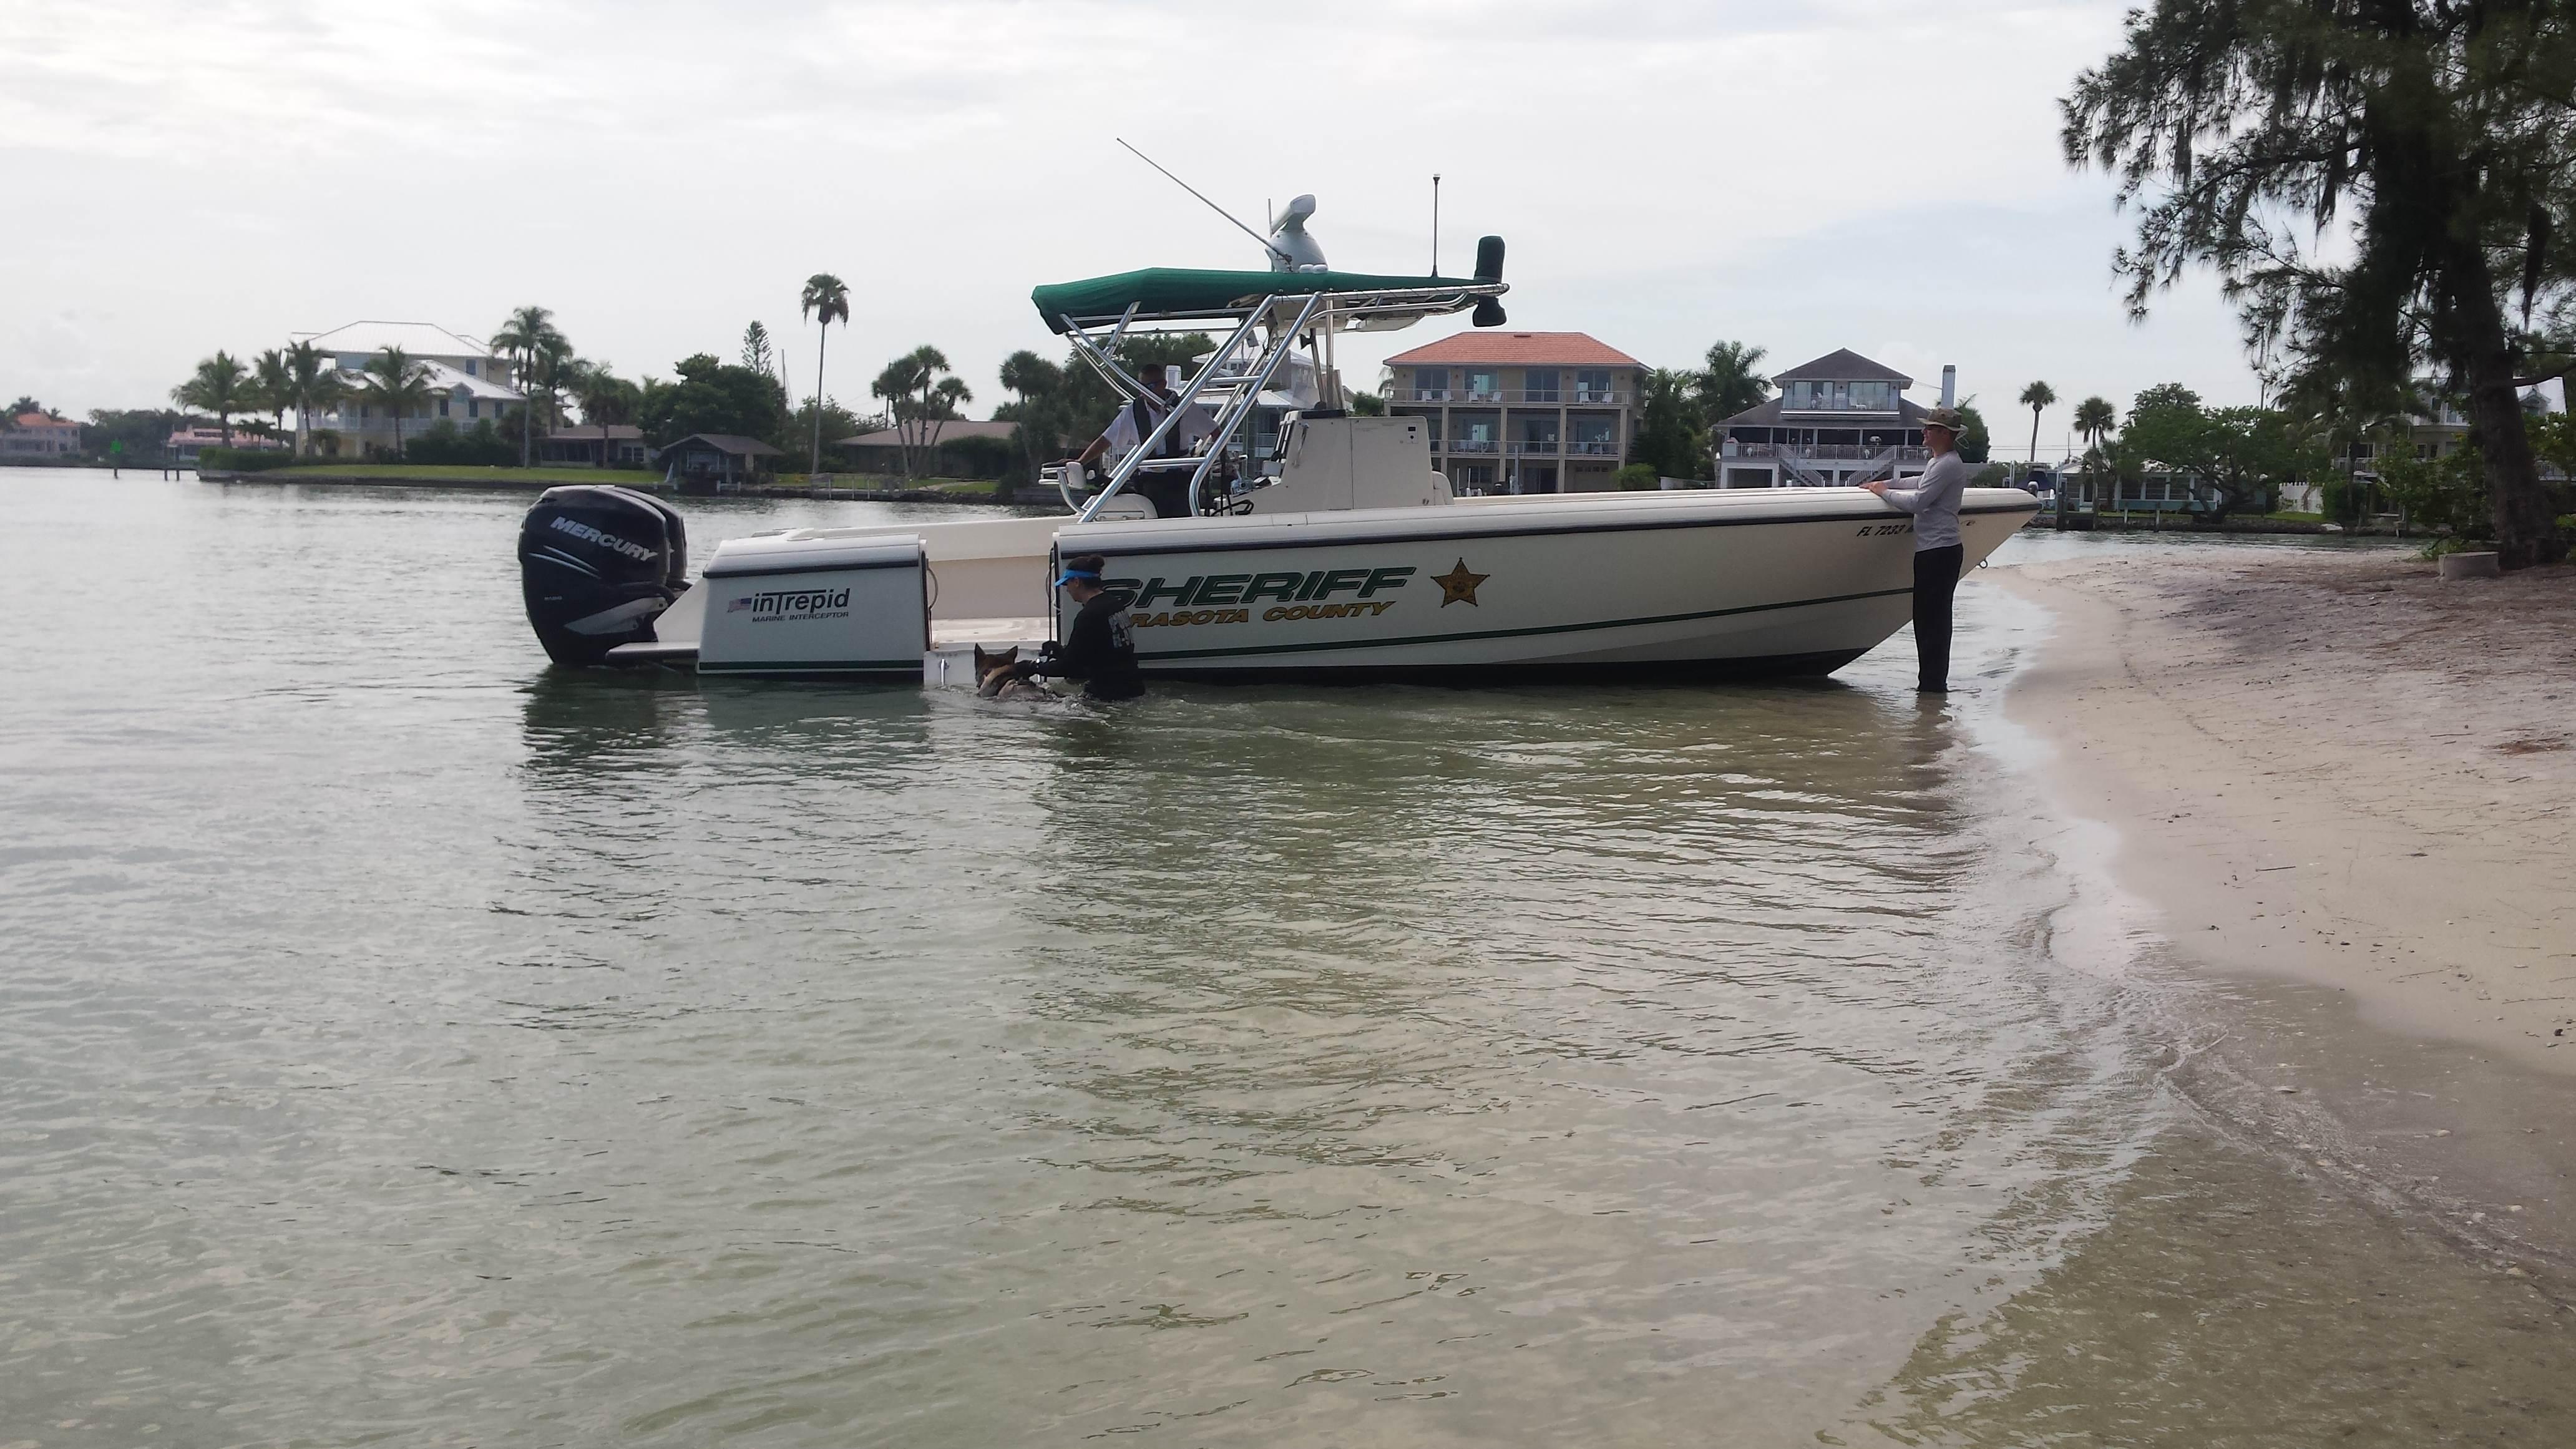 Venice Police boat